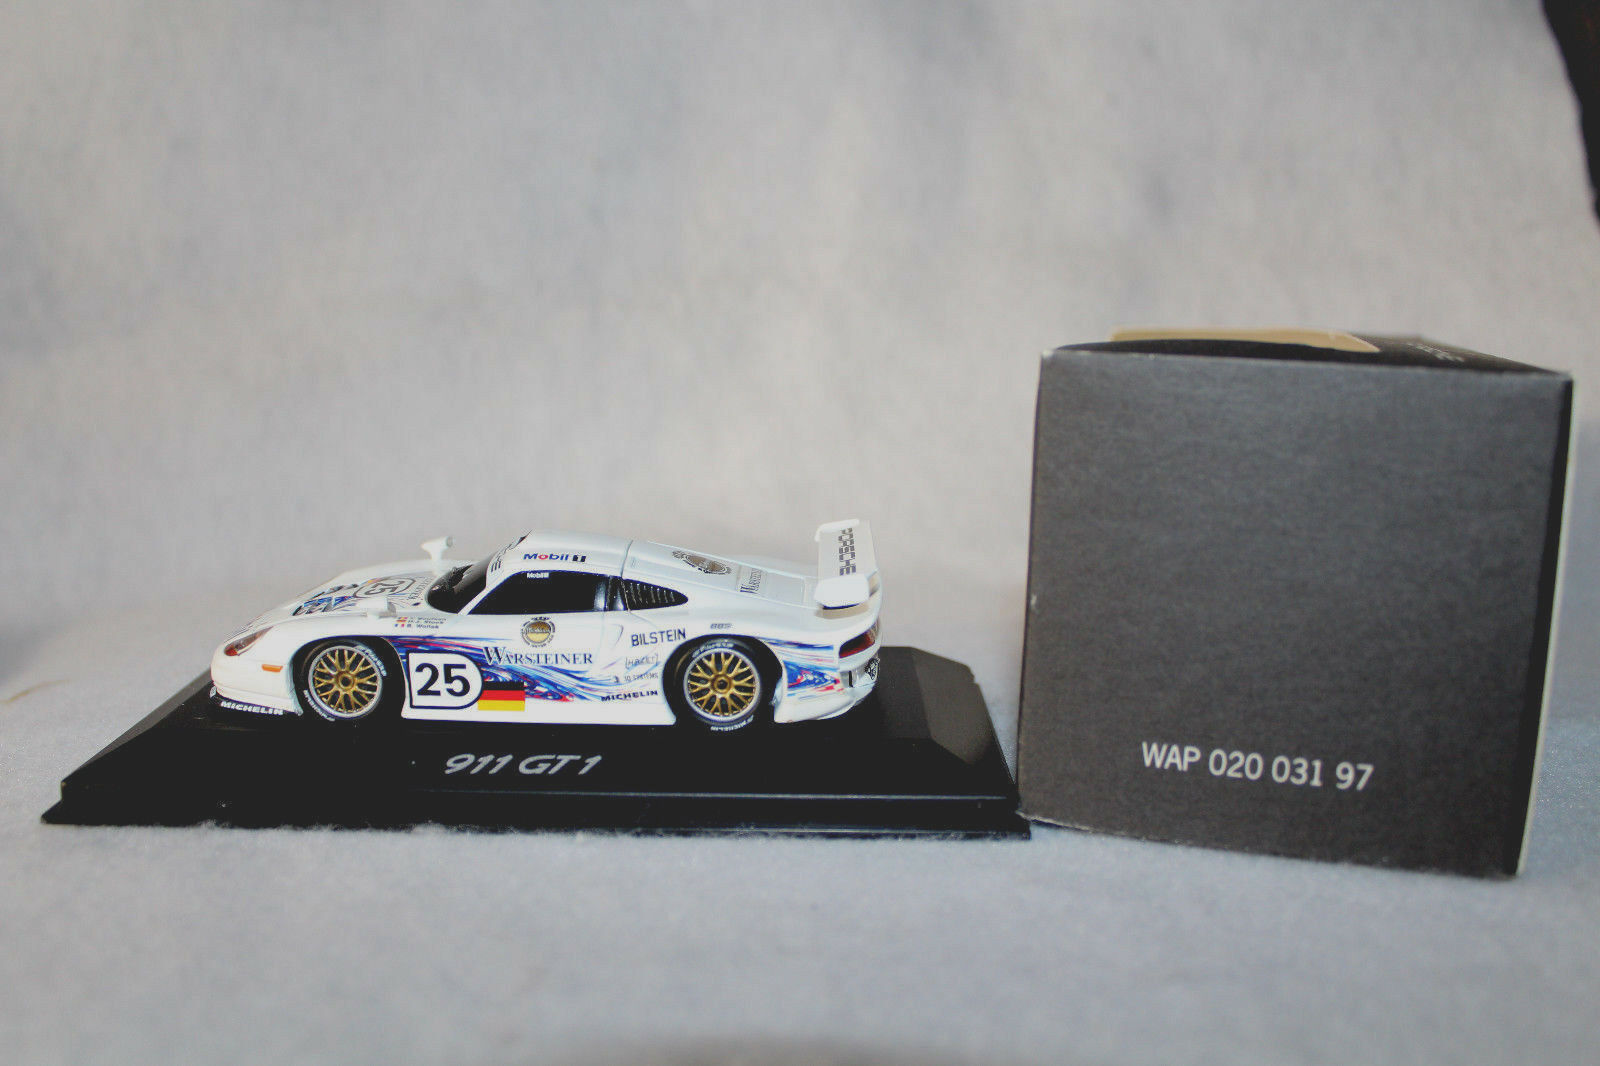 basso prezzo del 40% Minichamps 1 43rd Scale Scale Scale Porsche 911 G1,  25, Mobil1-Guerrasteiner  alta qualità generale